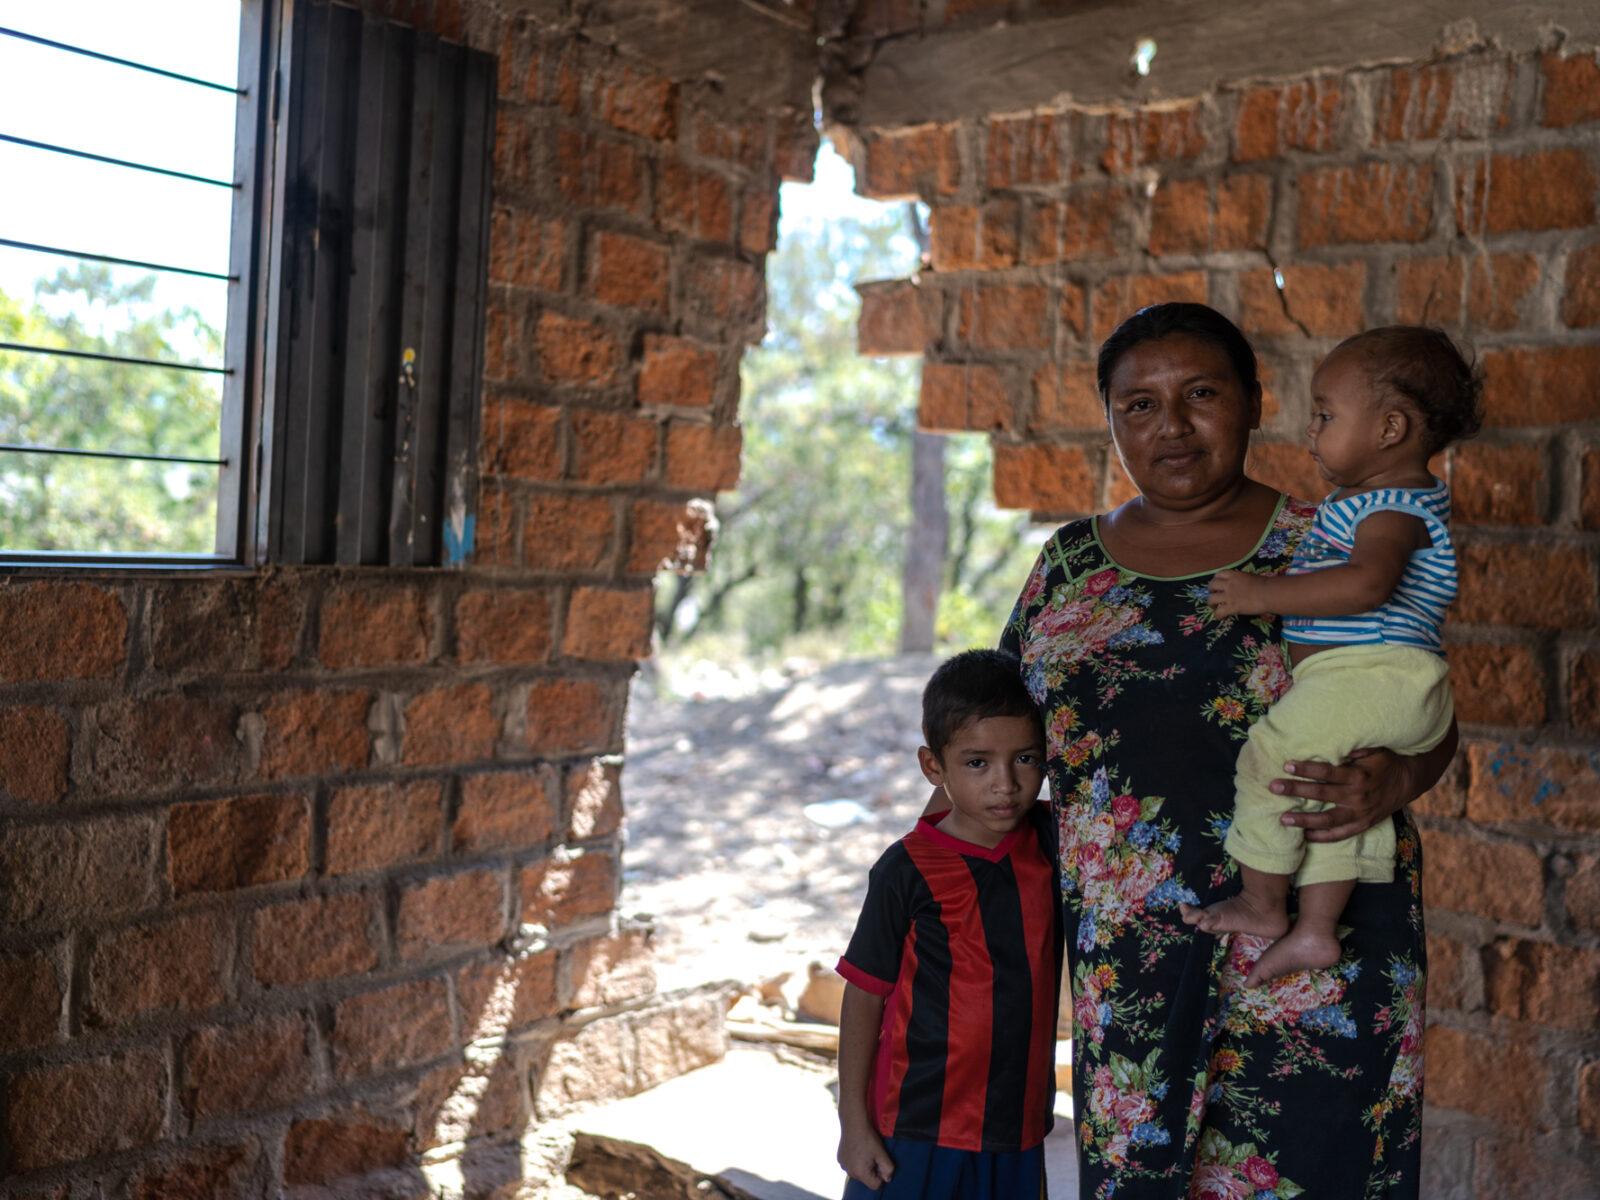 Luz Angela Uriana står i sitt hus med sin son Moises Guette och sin dotter Saray Guette. De dagliga gruvsprängningarna har gjort att en del av husväggen har rasat.